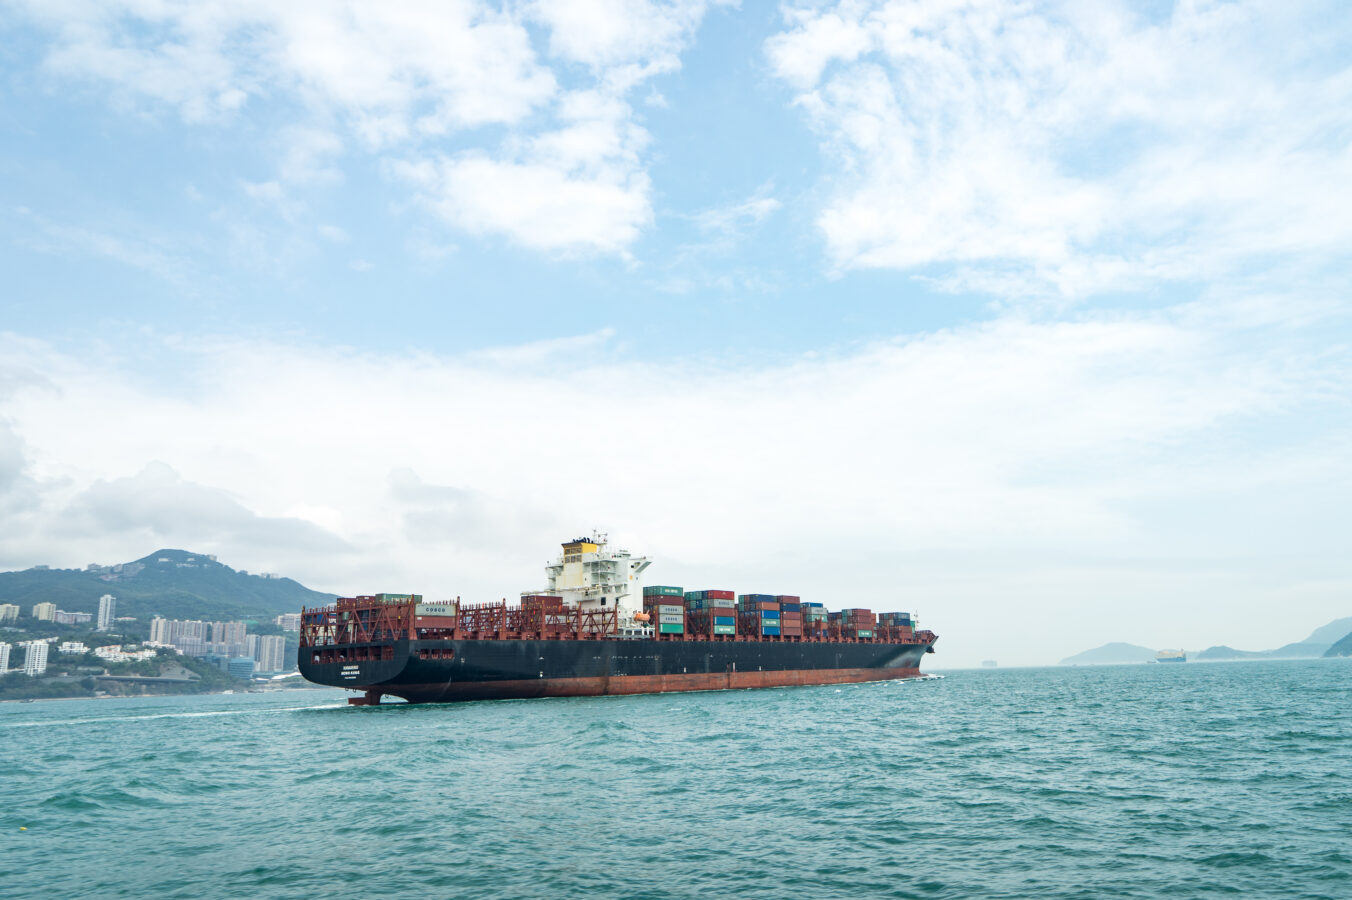 Østre Landsret: Dansk rederi kunne ikke støtte ret på værnetingsklausul overfor dansk medkontrahent